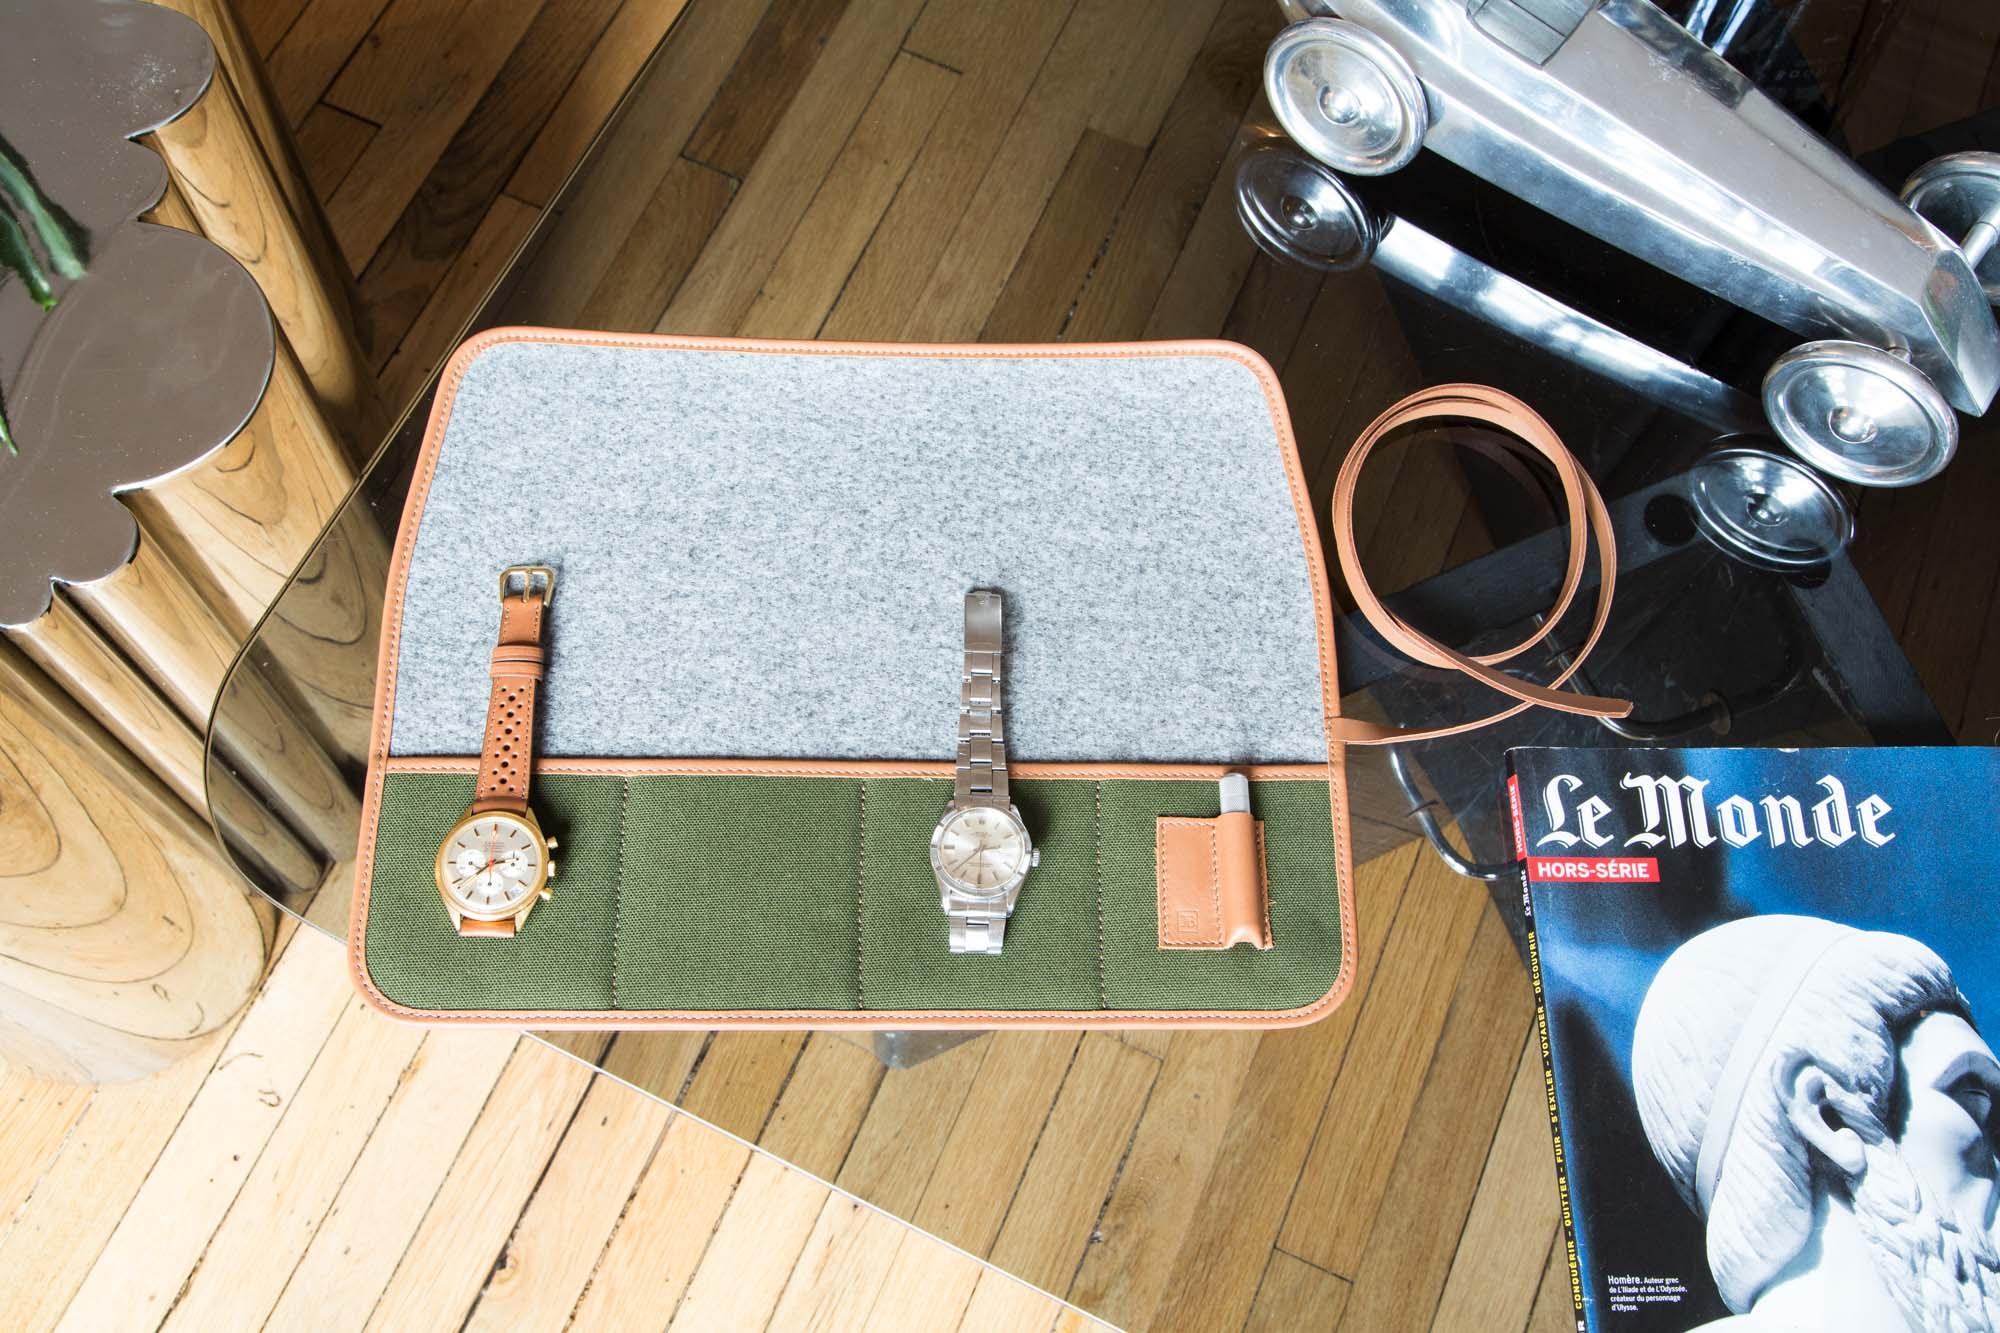 Marmotte - Pochette de transport pour montres en toile canevas vert forêt